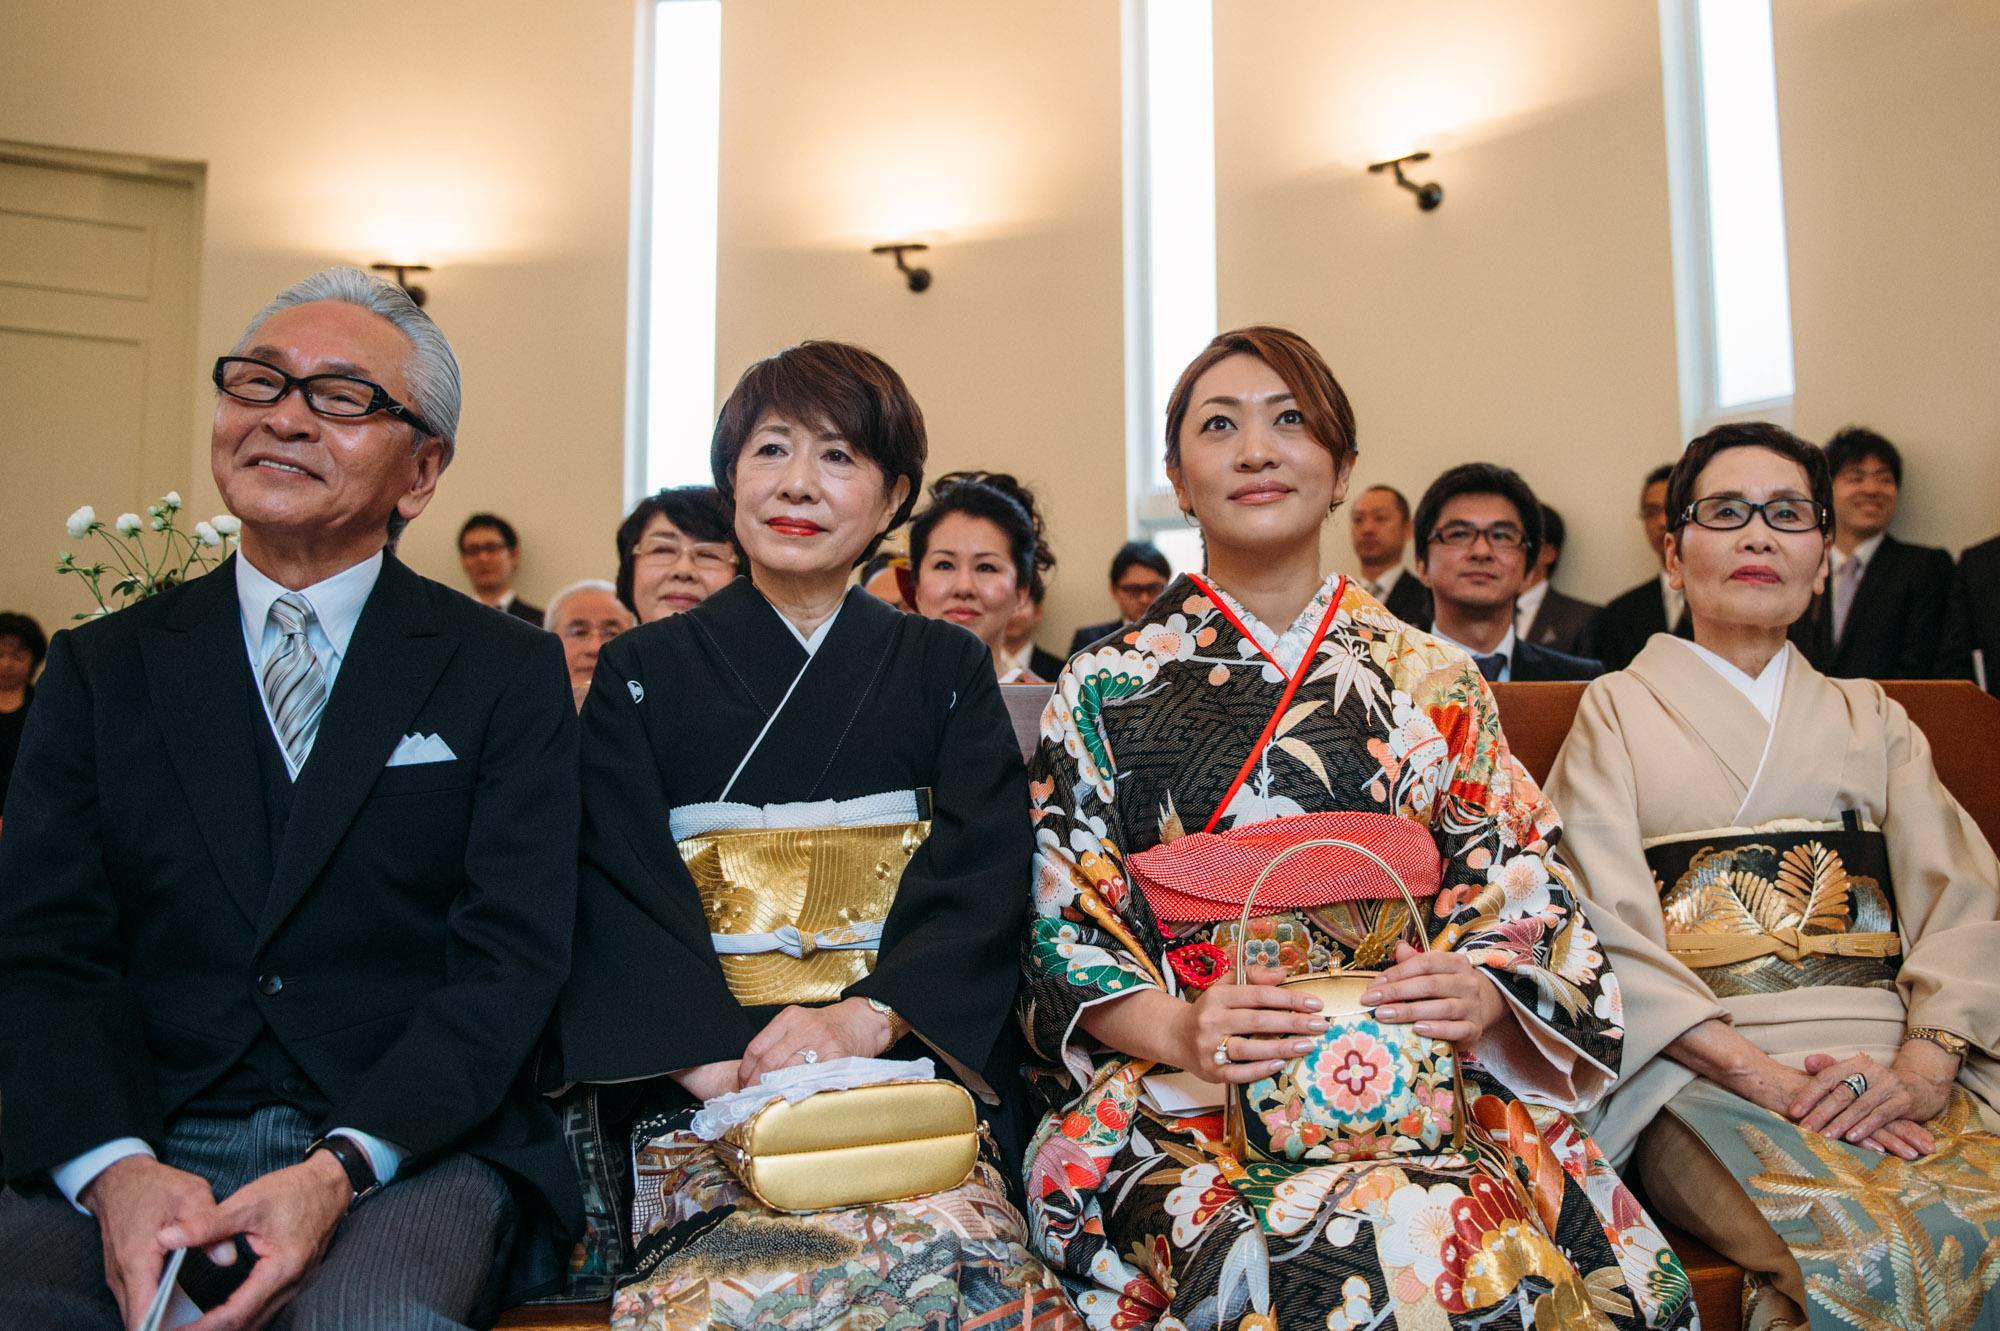 軽井沢結婚式117